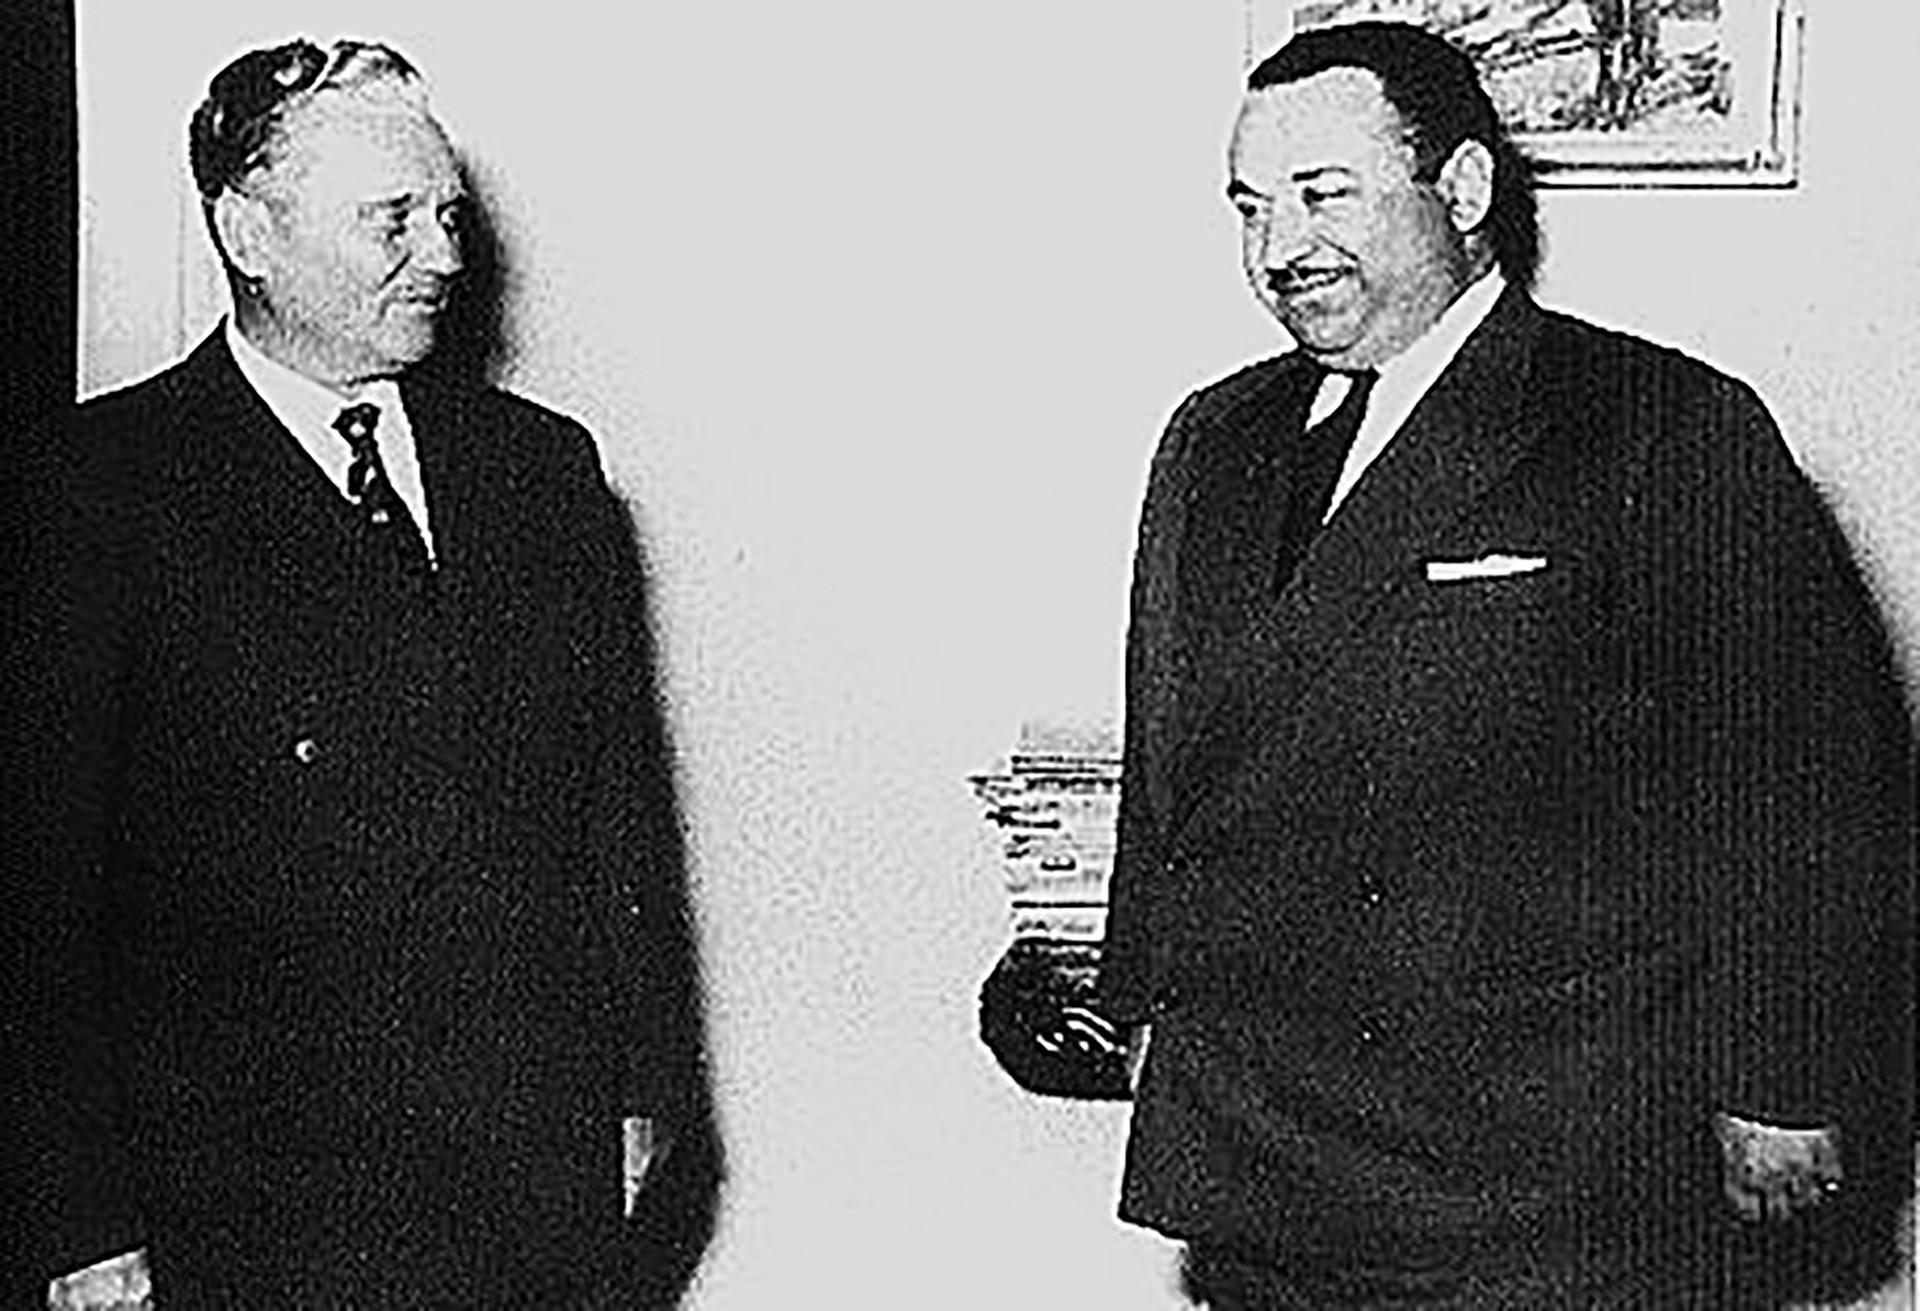 Marschal Josip Broz Tito mit Josef Grigulewitsich (rechts)